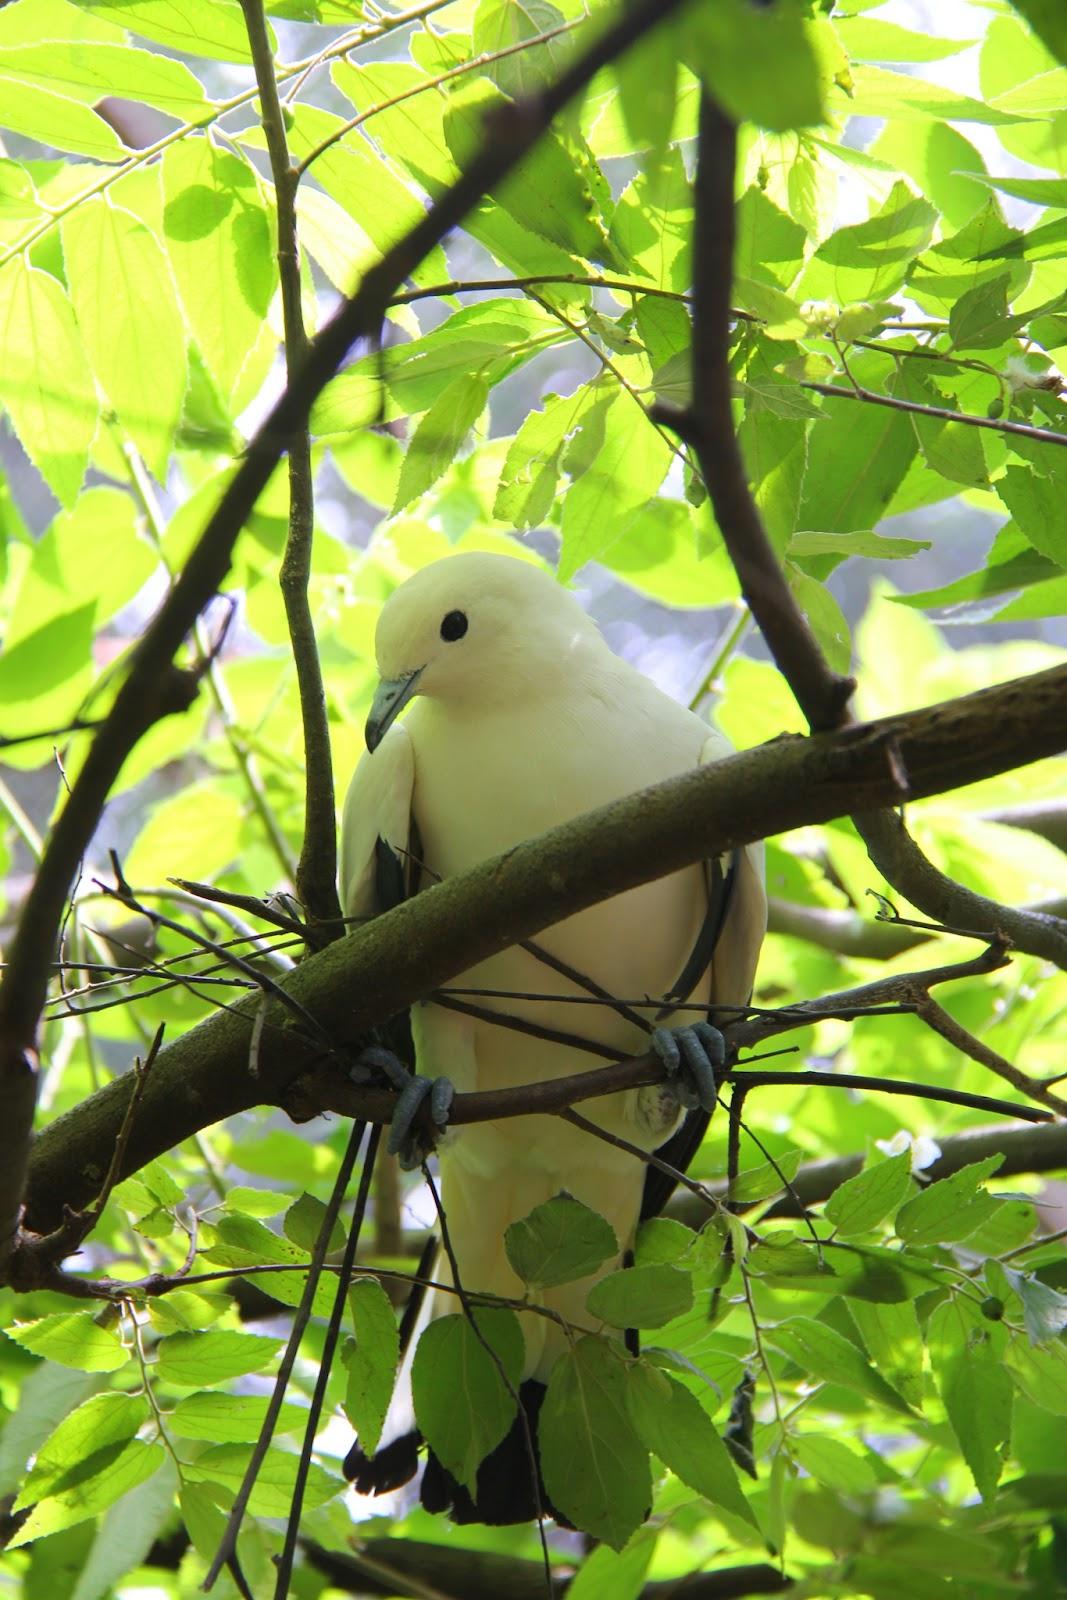 Burung Pergam Rawa sembunyi